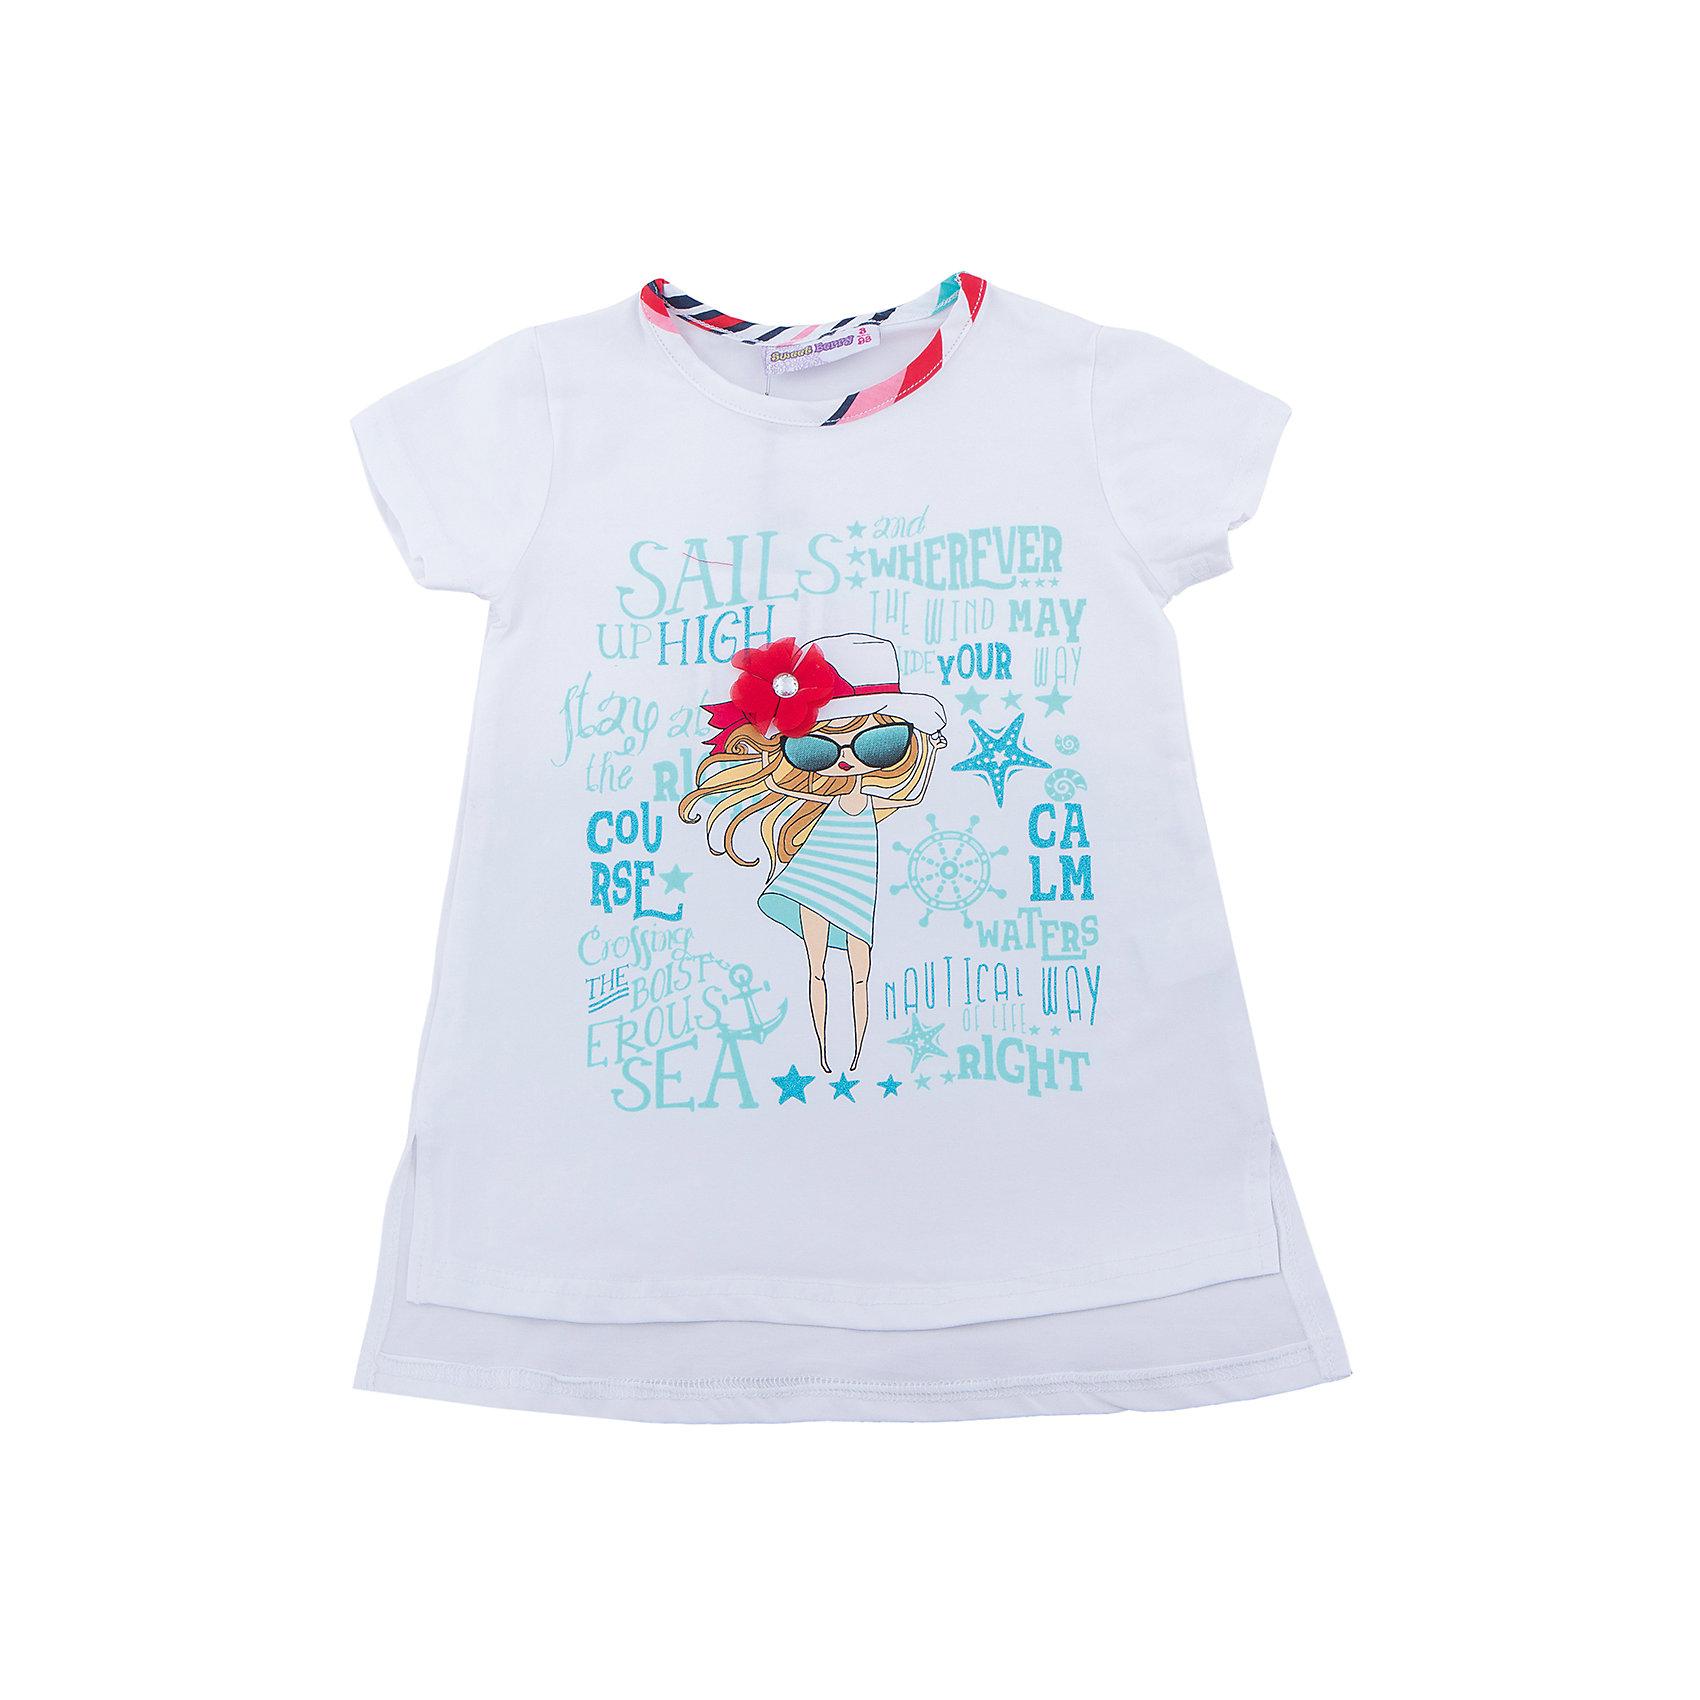 Футболка для девочки Sweet BerryФутболки, поло и топы<br>Удлиненная футболка из трикотажной, мягкой ткани для девочки с коротким рукавом и удлиненной спинкой. Декорирована оригинальным принтом и контрастным кантом.<br>Состав:<br>95%хлопок 5%эластан<br><br>Ширина мм: 199<br>Глубина мм: 10<br>Высота мм: 161<br>Вес г: 151<br>Цвет: белый<br>Возраст от месяцев: 84<br>Возраст до месяцев: 96<br>Пол: Женский<br>Возраст: Детский<br>Размер: 128,104,98,110,116,122<br>SKU: 5411856